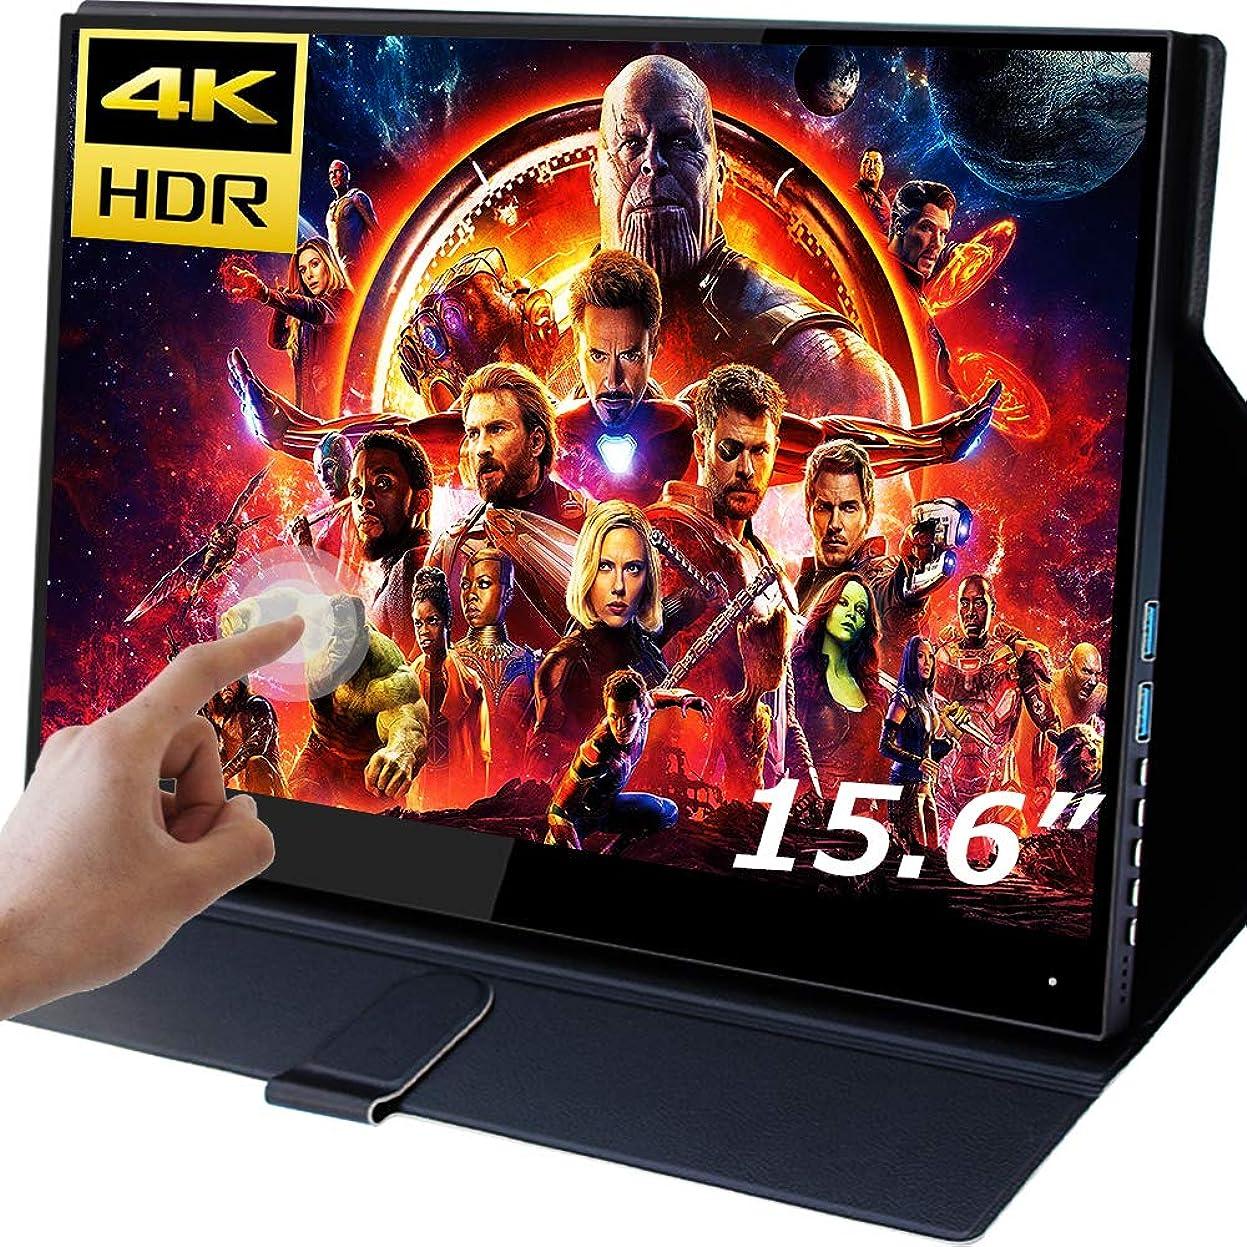 オフェンスキャベツイベントcocopar 4kモバイルモニタ 15.6インチHDR 3840x2160IPSゲーミングモニター ゲーム/HDMI/PS3/XBOX/PS4/USB-CモニターHDMI HDR機能を支持((15.6-4kタッチ)